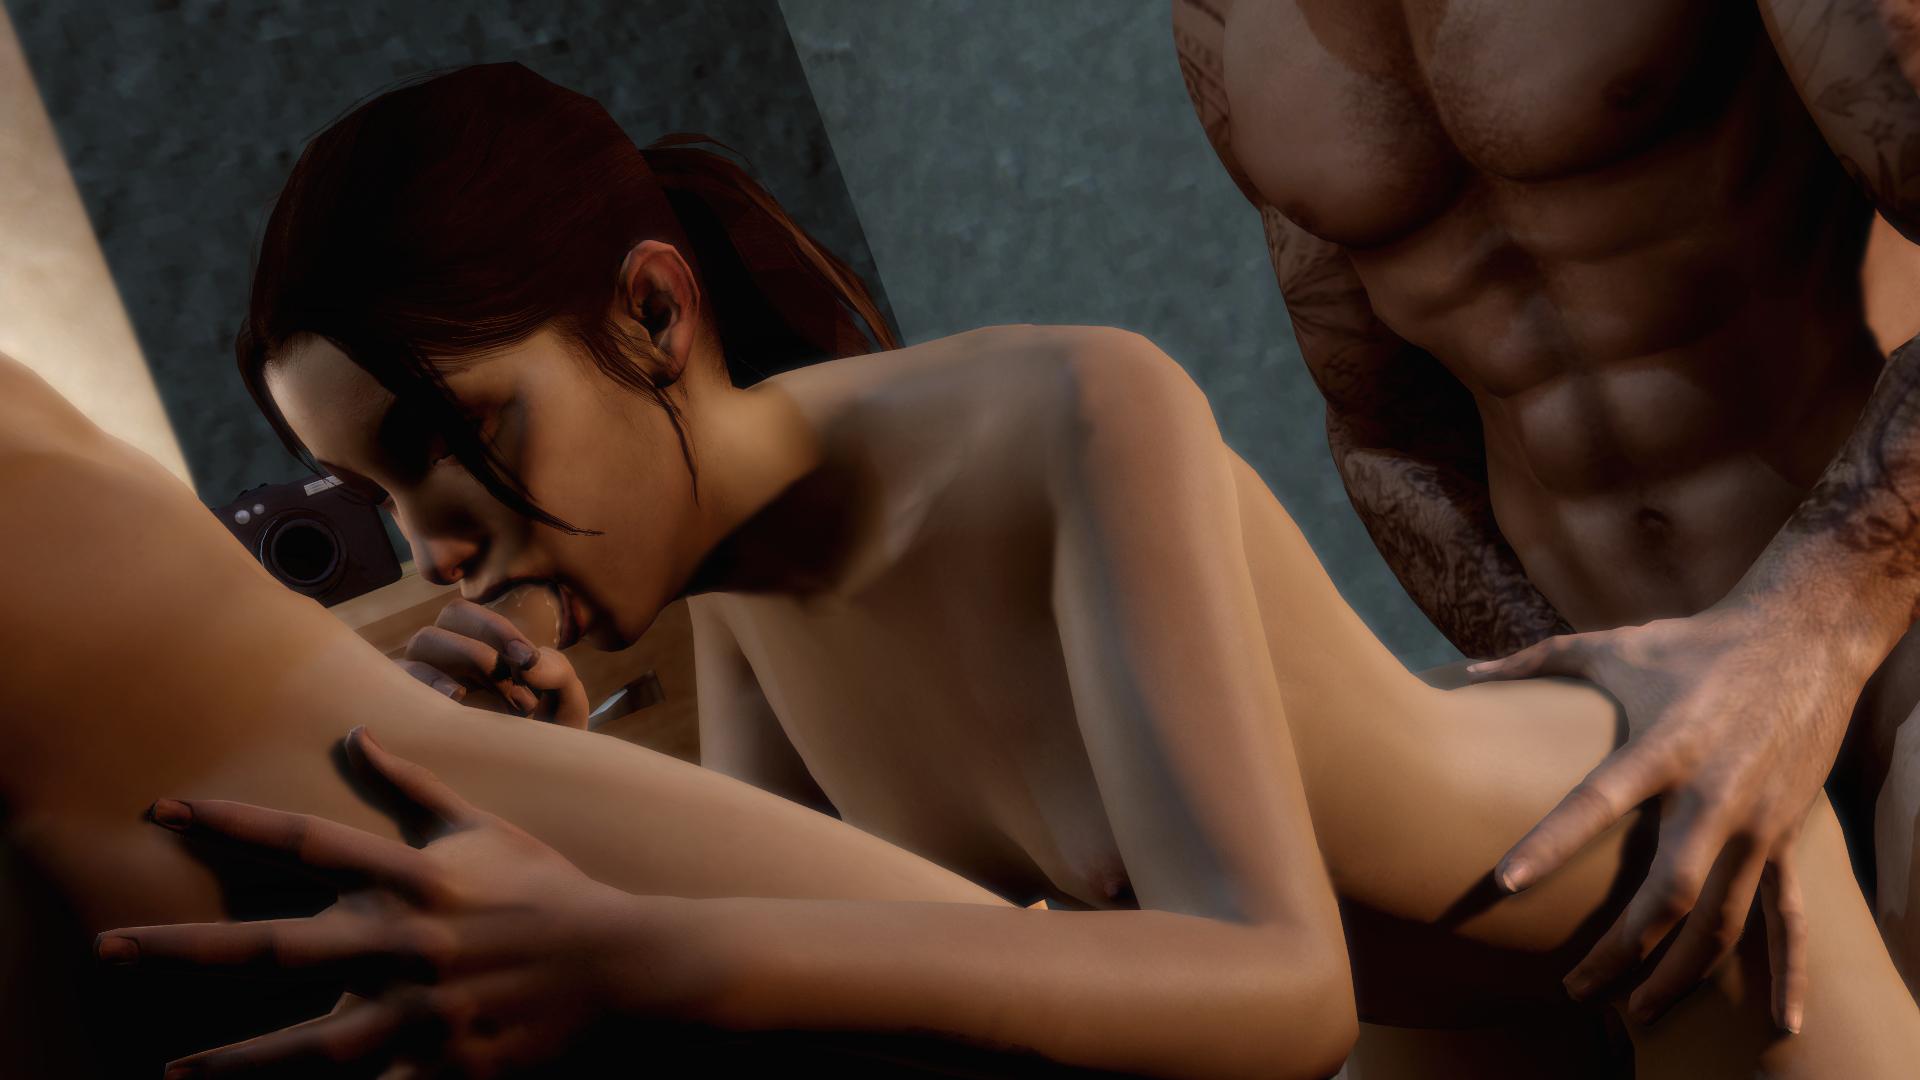 Эротические картинки из left 4 dead, Left 4 Dead 3д порно комикс 24 фотография